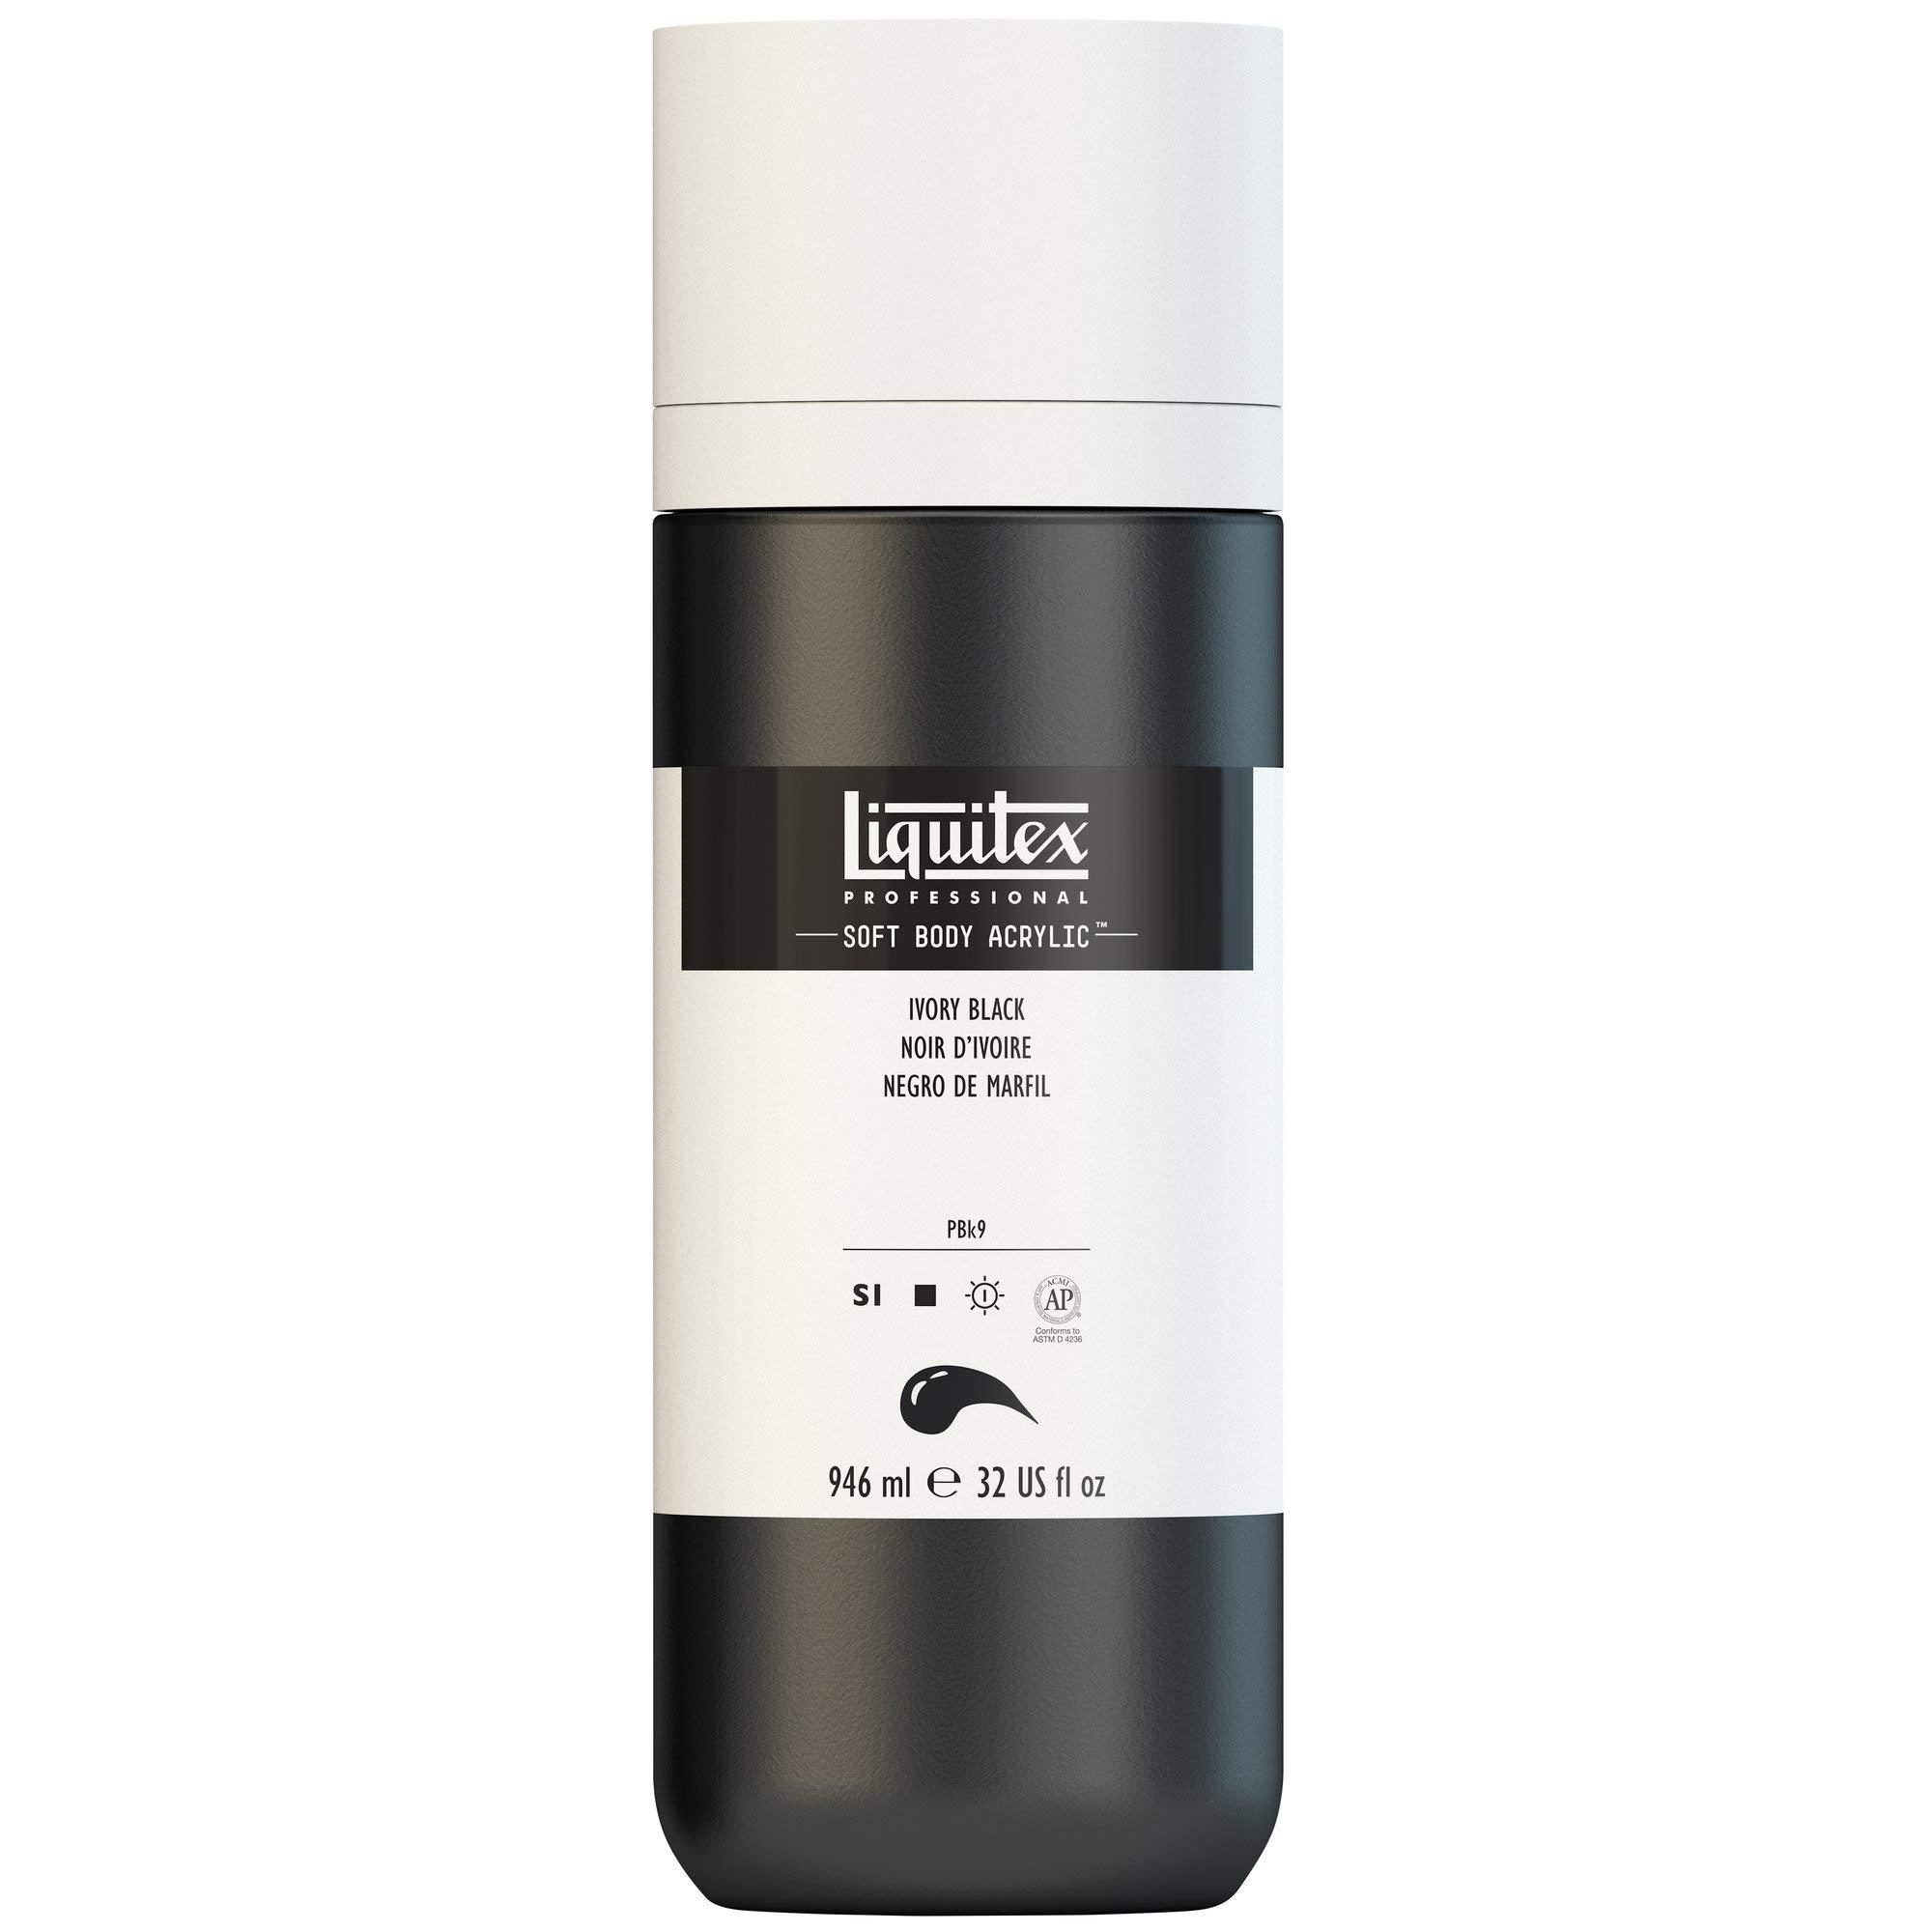 Liquitex Professional Soft Body Acrylic Paint 32-oz bottle, Ivory Black